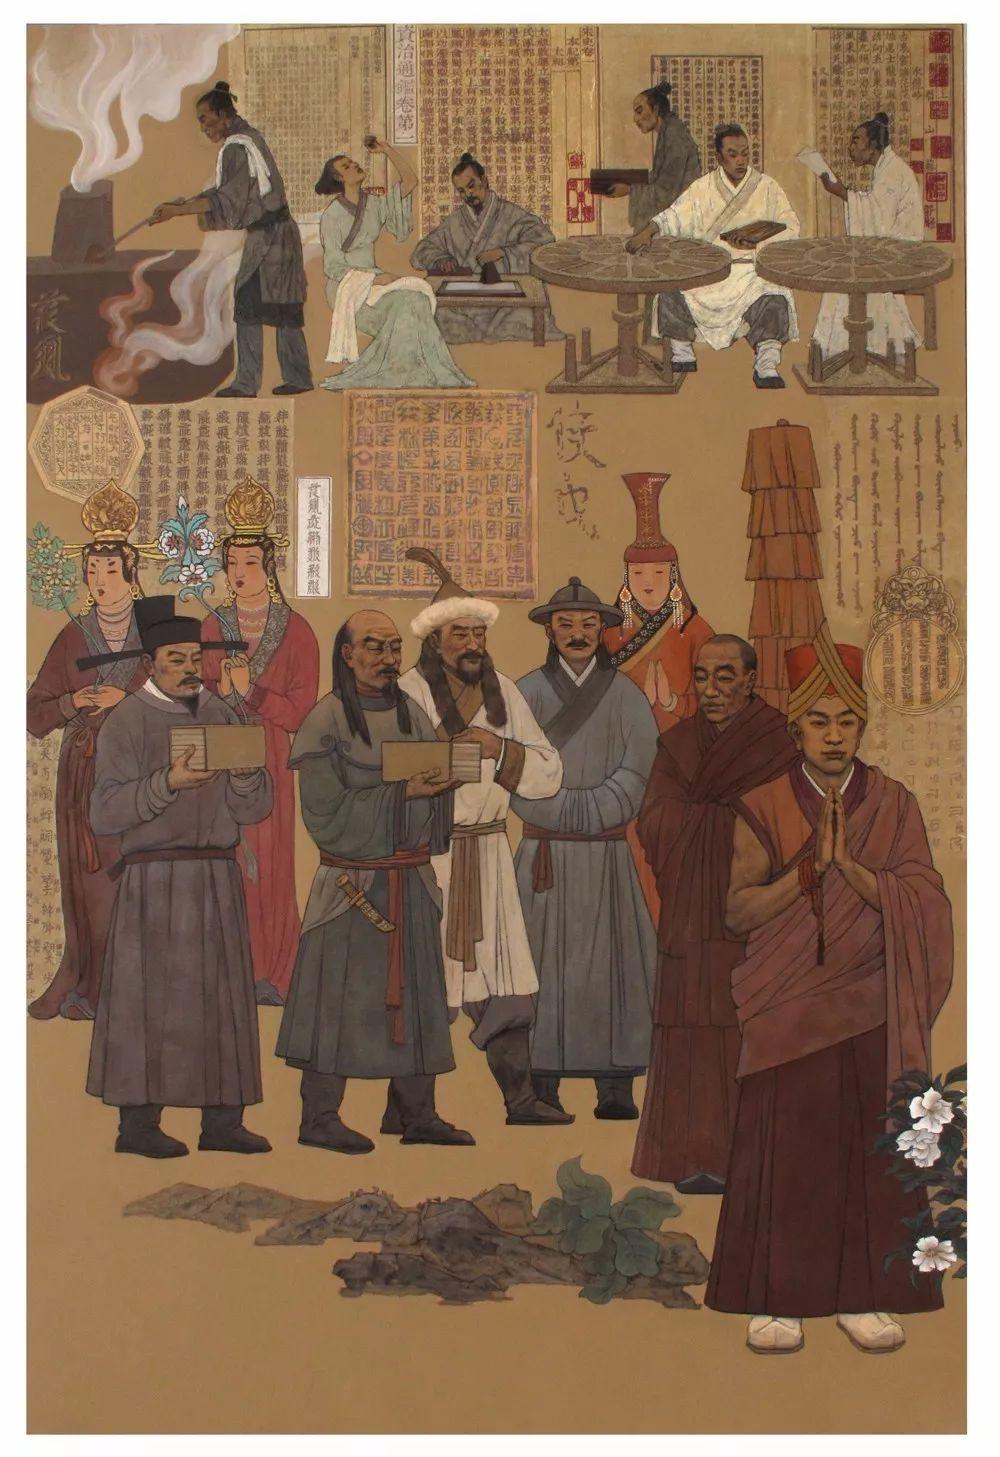 蒙古族画家达林太作品欣赏 第10张